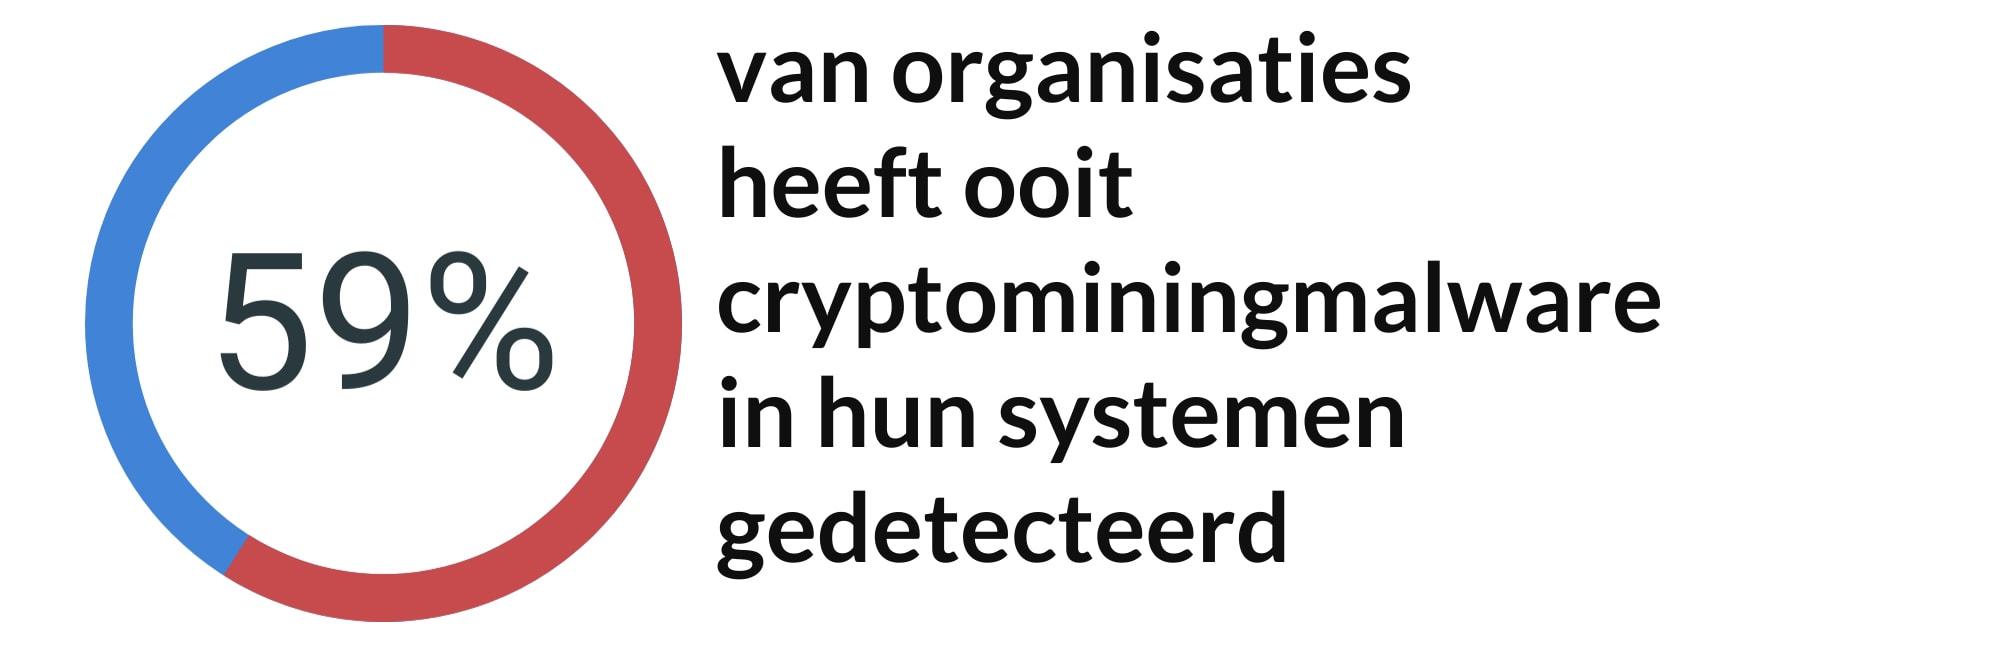 Grafiek met percentage organisaties die cryptominingmalware heeft gedetecteerd